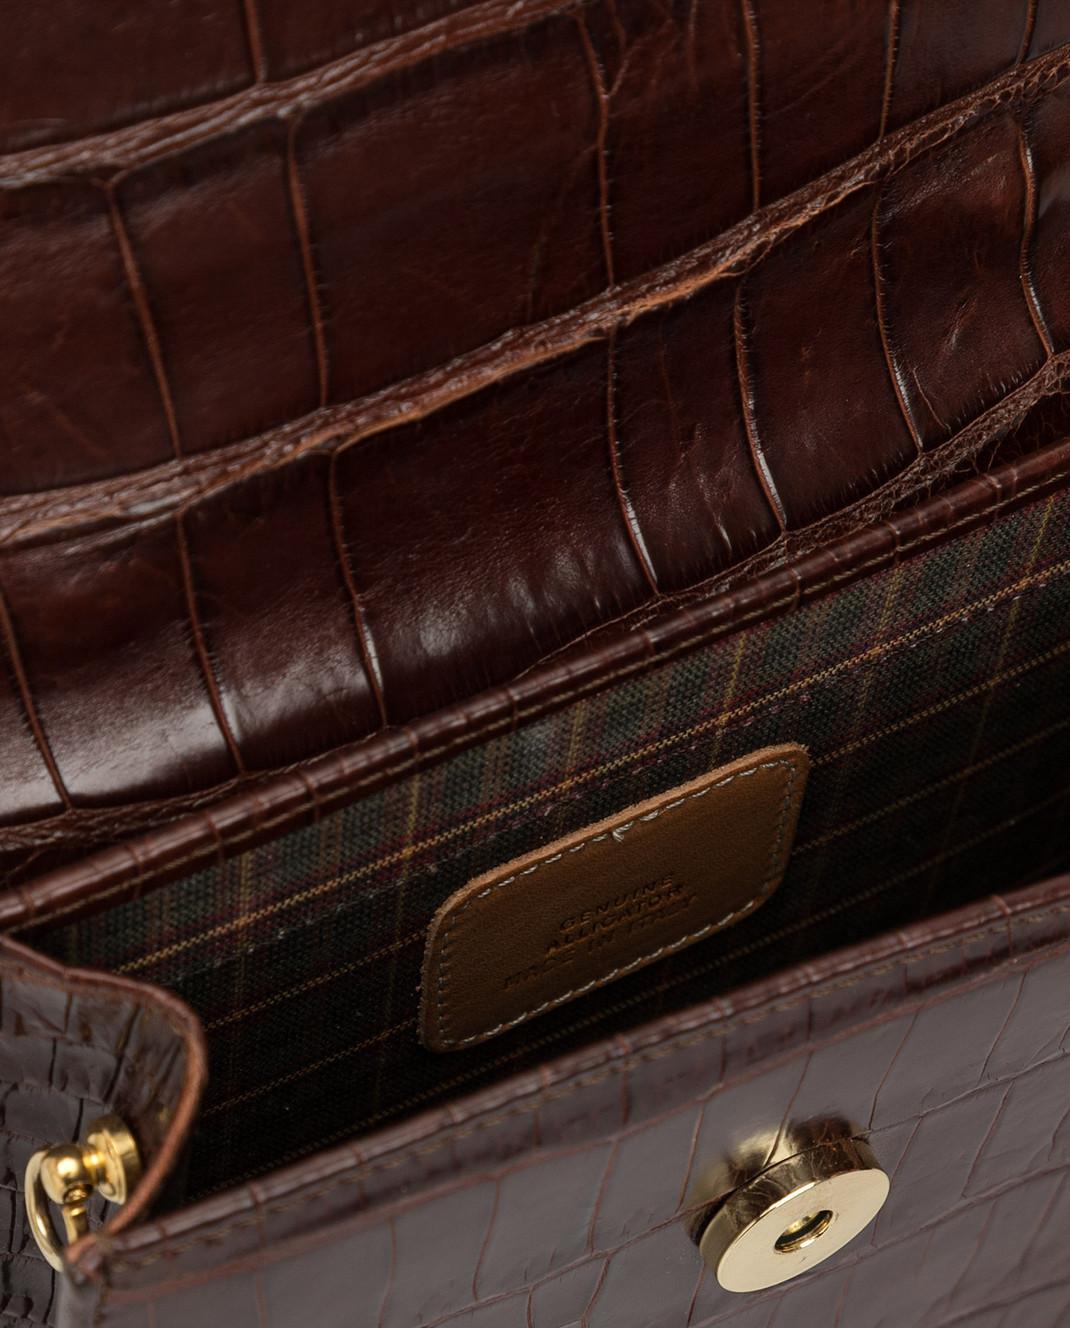 Bochicchio Коричневая сумка из кожи крокодила CROCOCLUTCH4 изображение 4